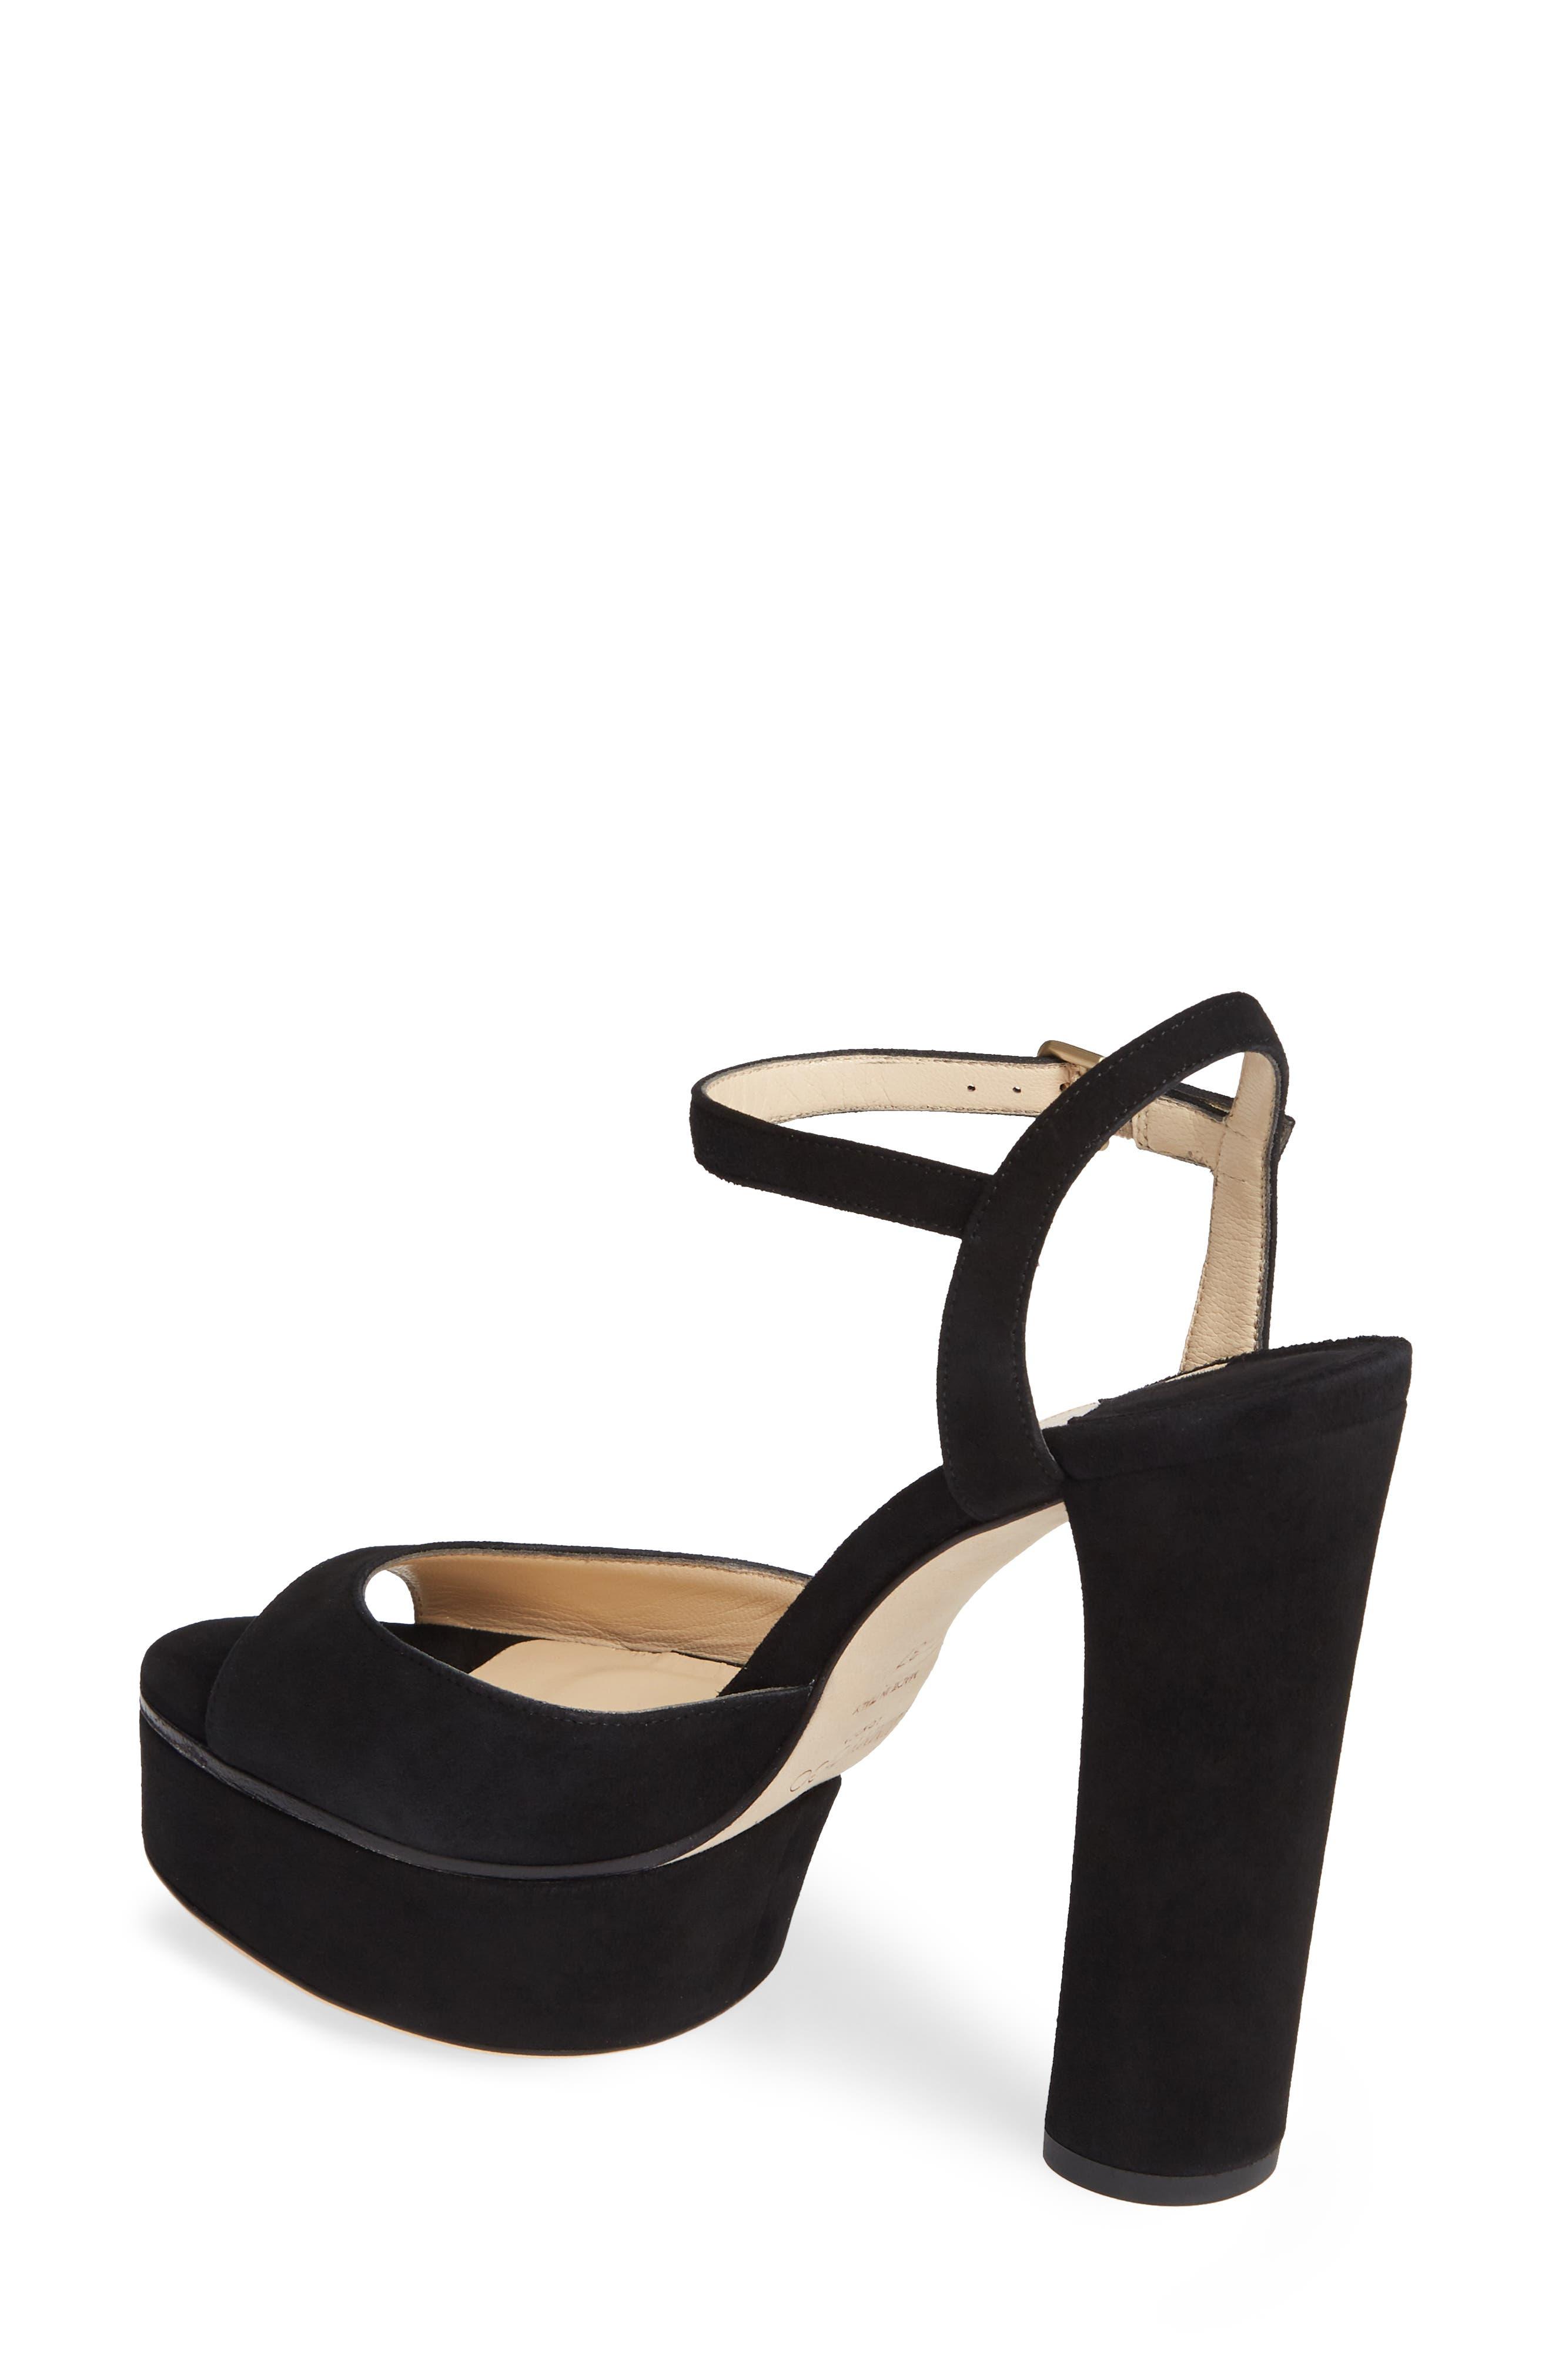 Peachy Platform Sandal,                             Alternate thumbnail 2, color,                             BLACK SUEDE